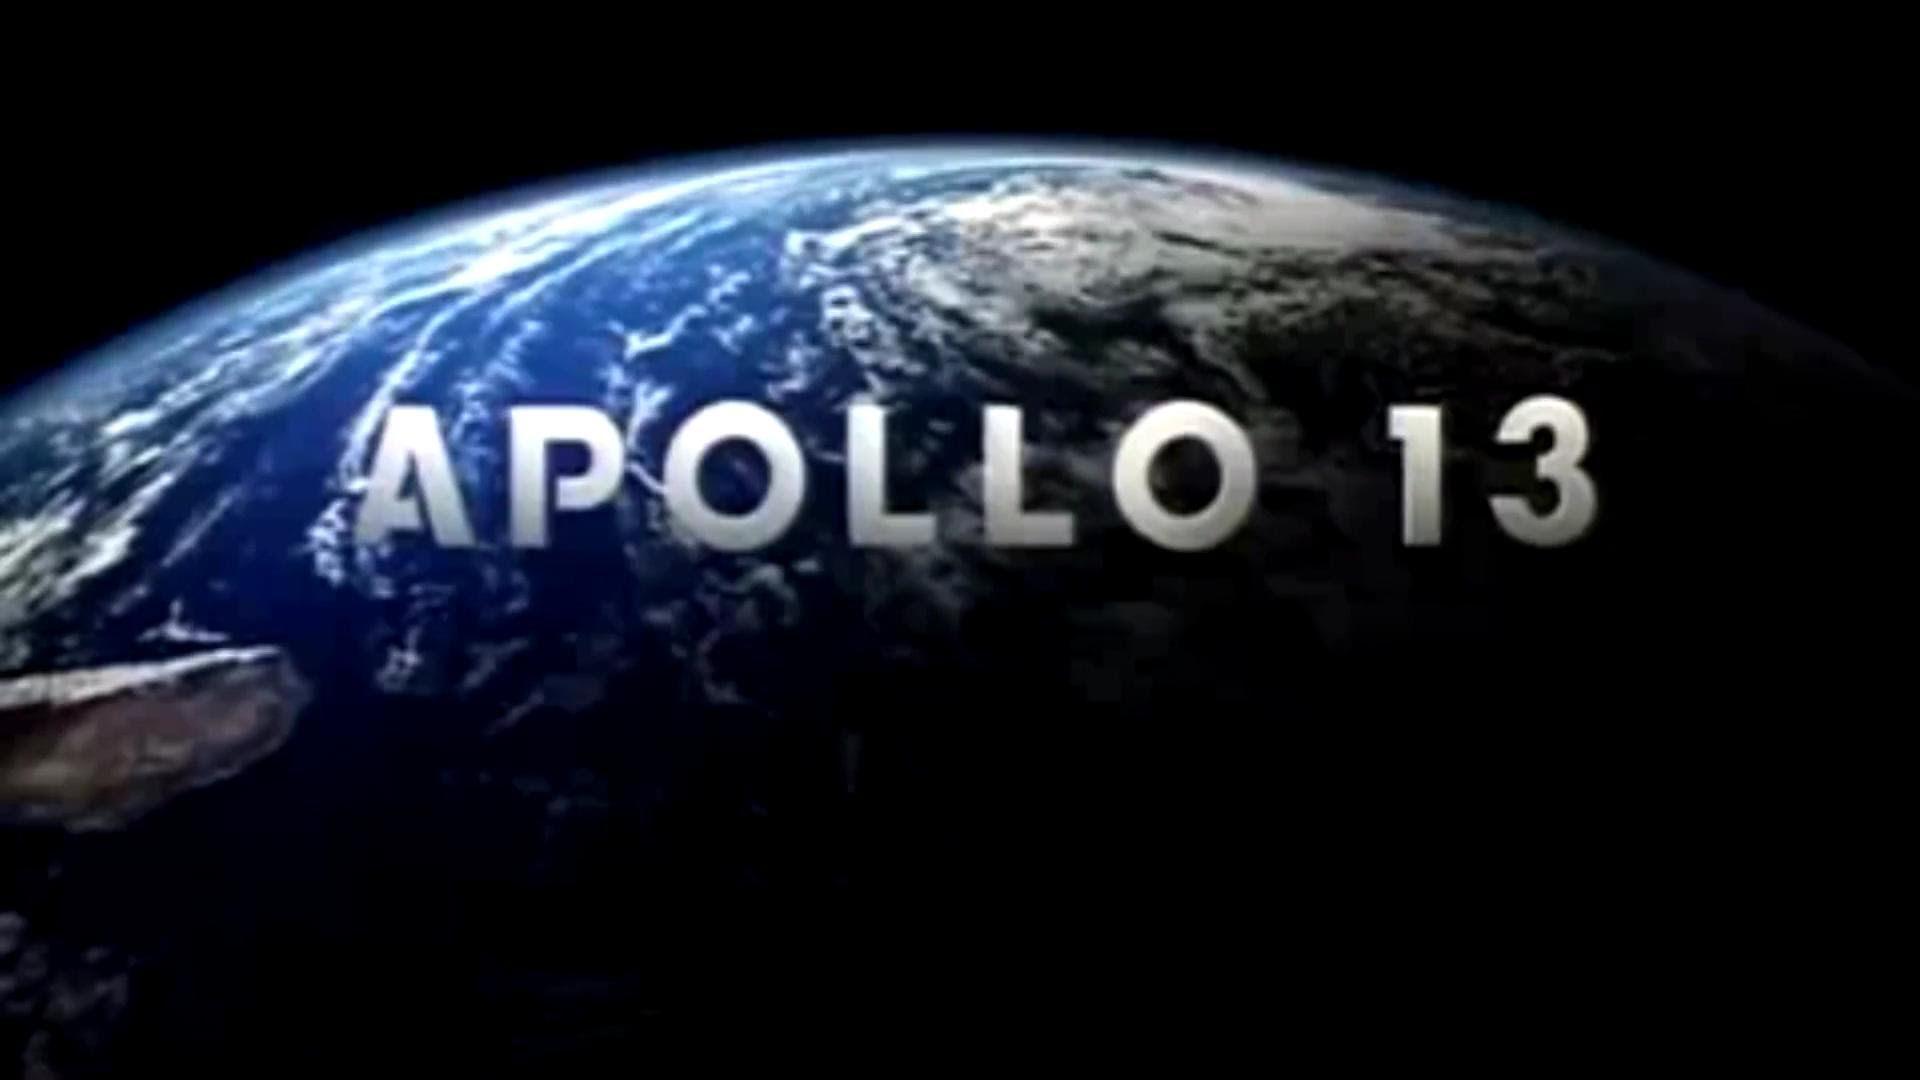 Apollo 13 Pics, Photography Collection